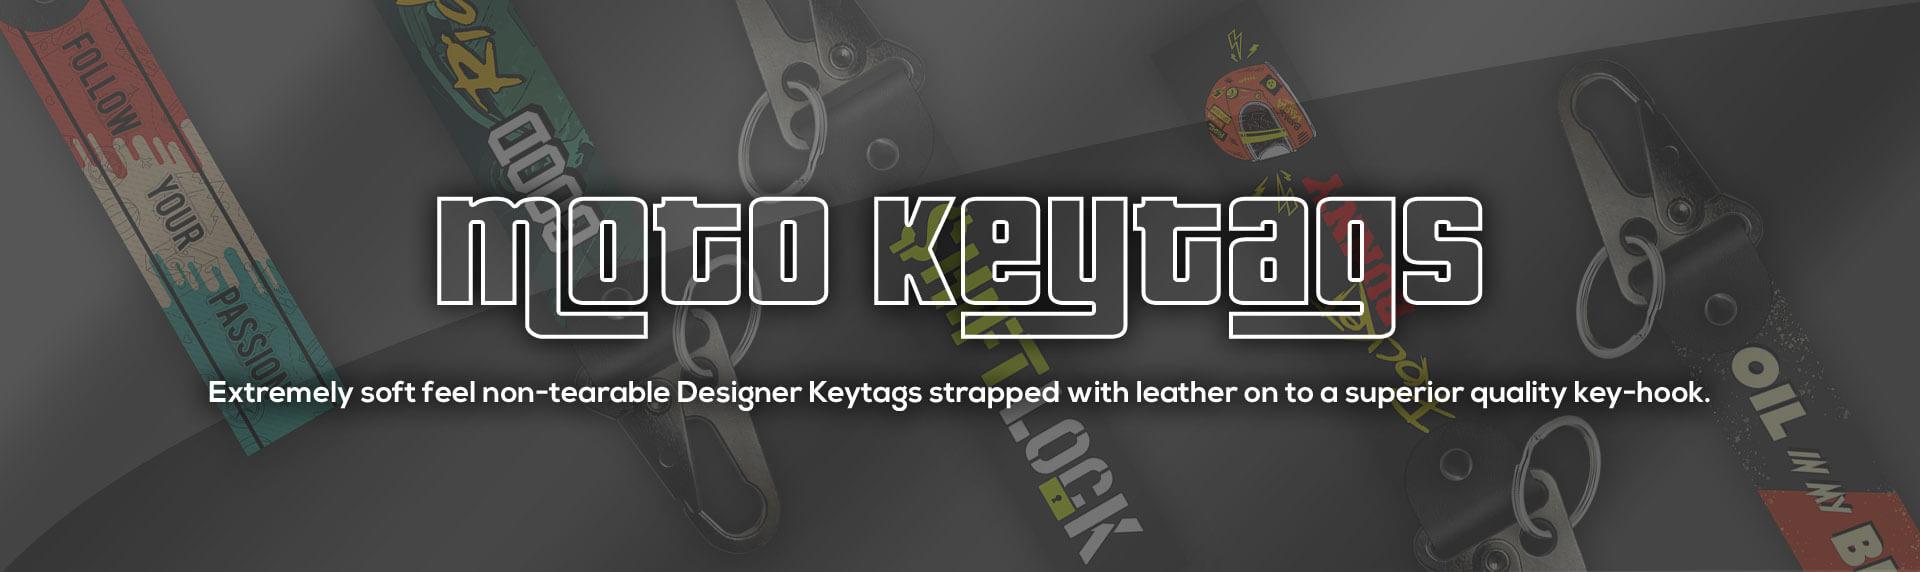 Keytags